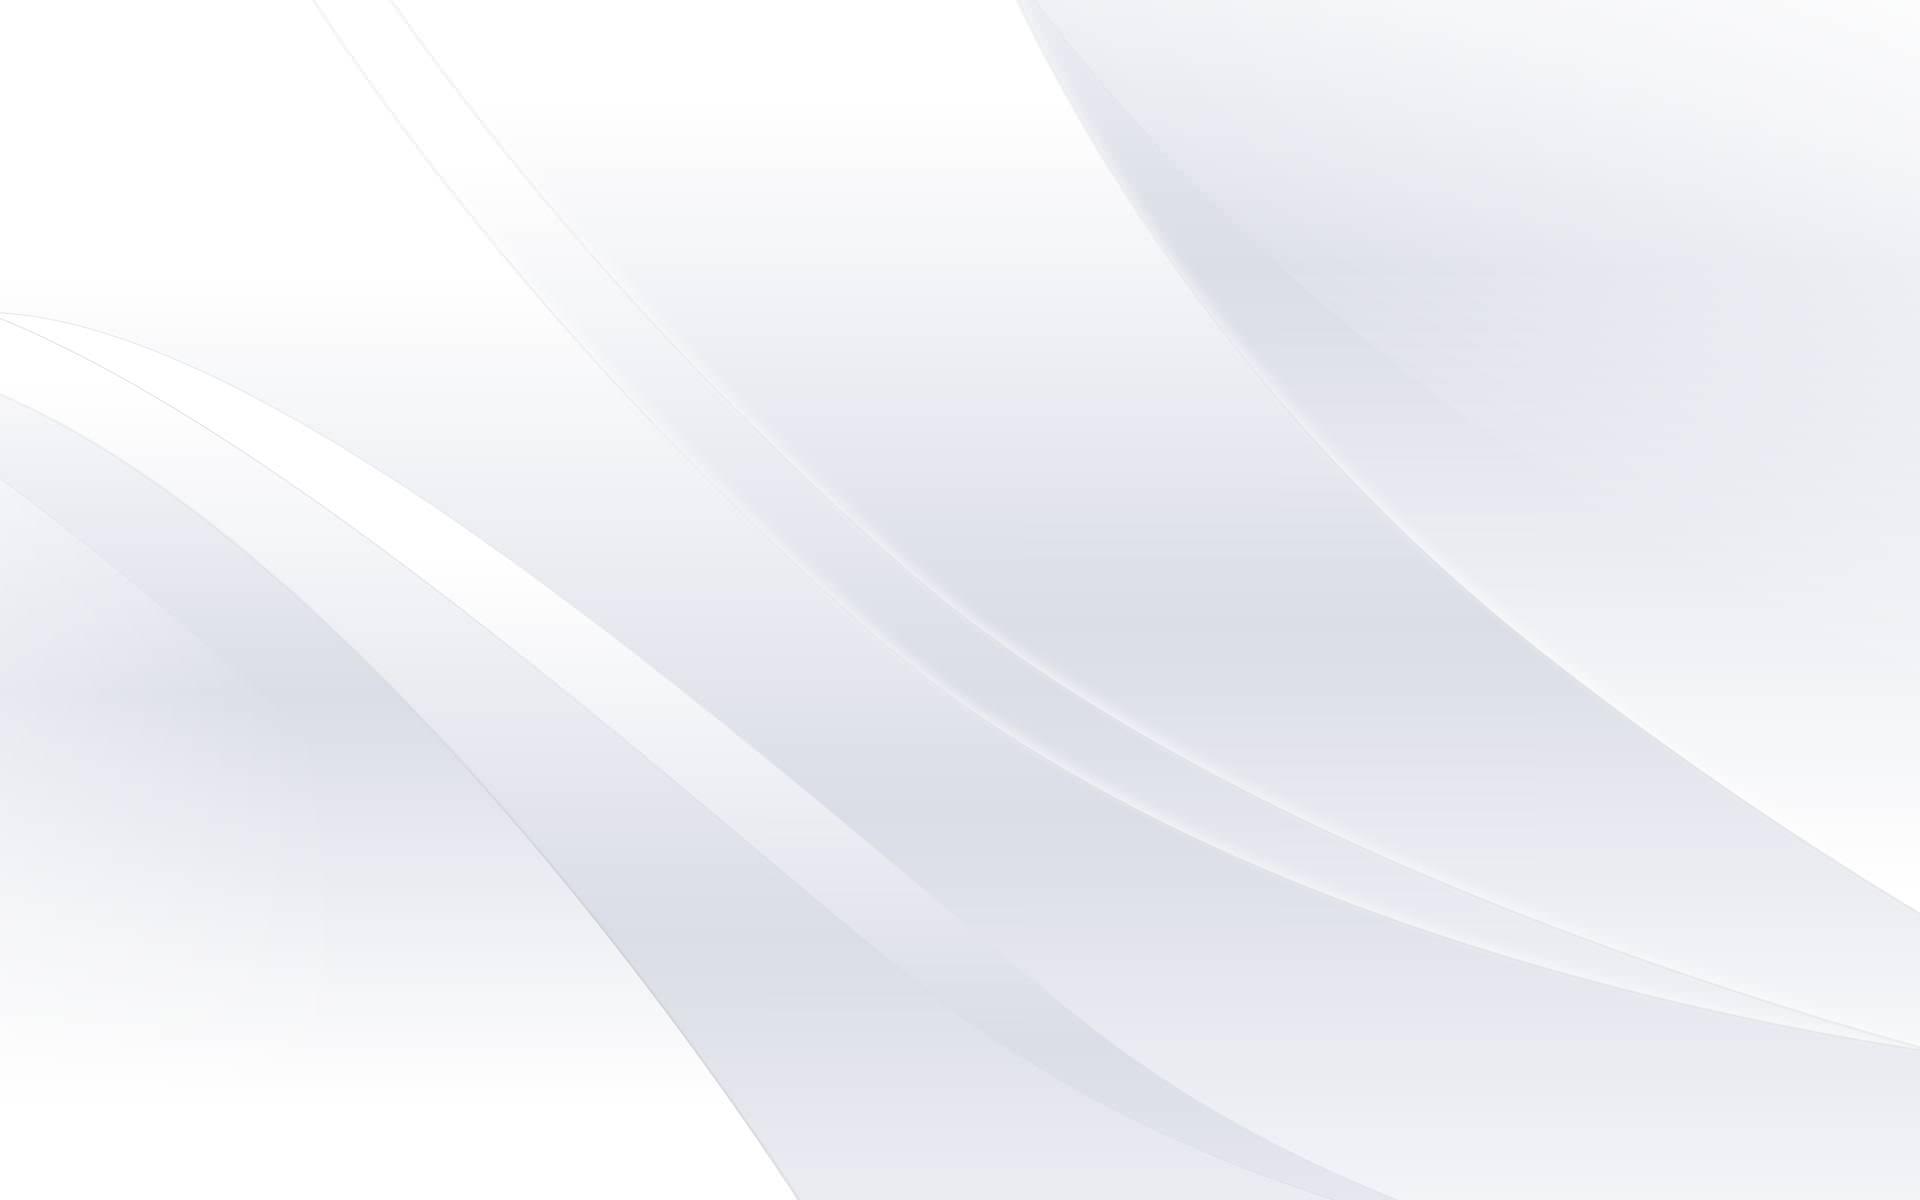 Hình nền trắng đẹp (6)